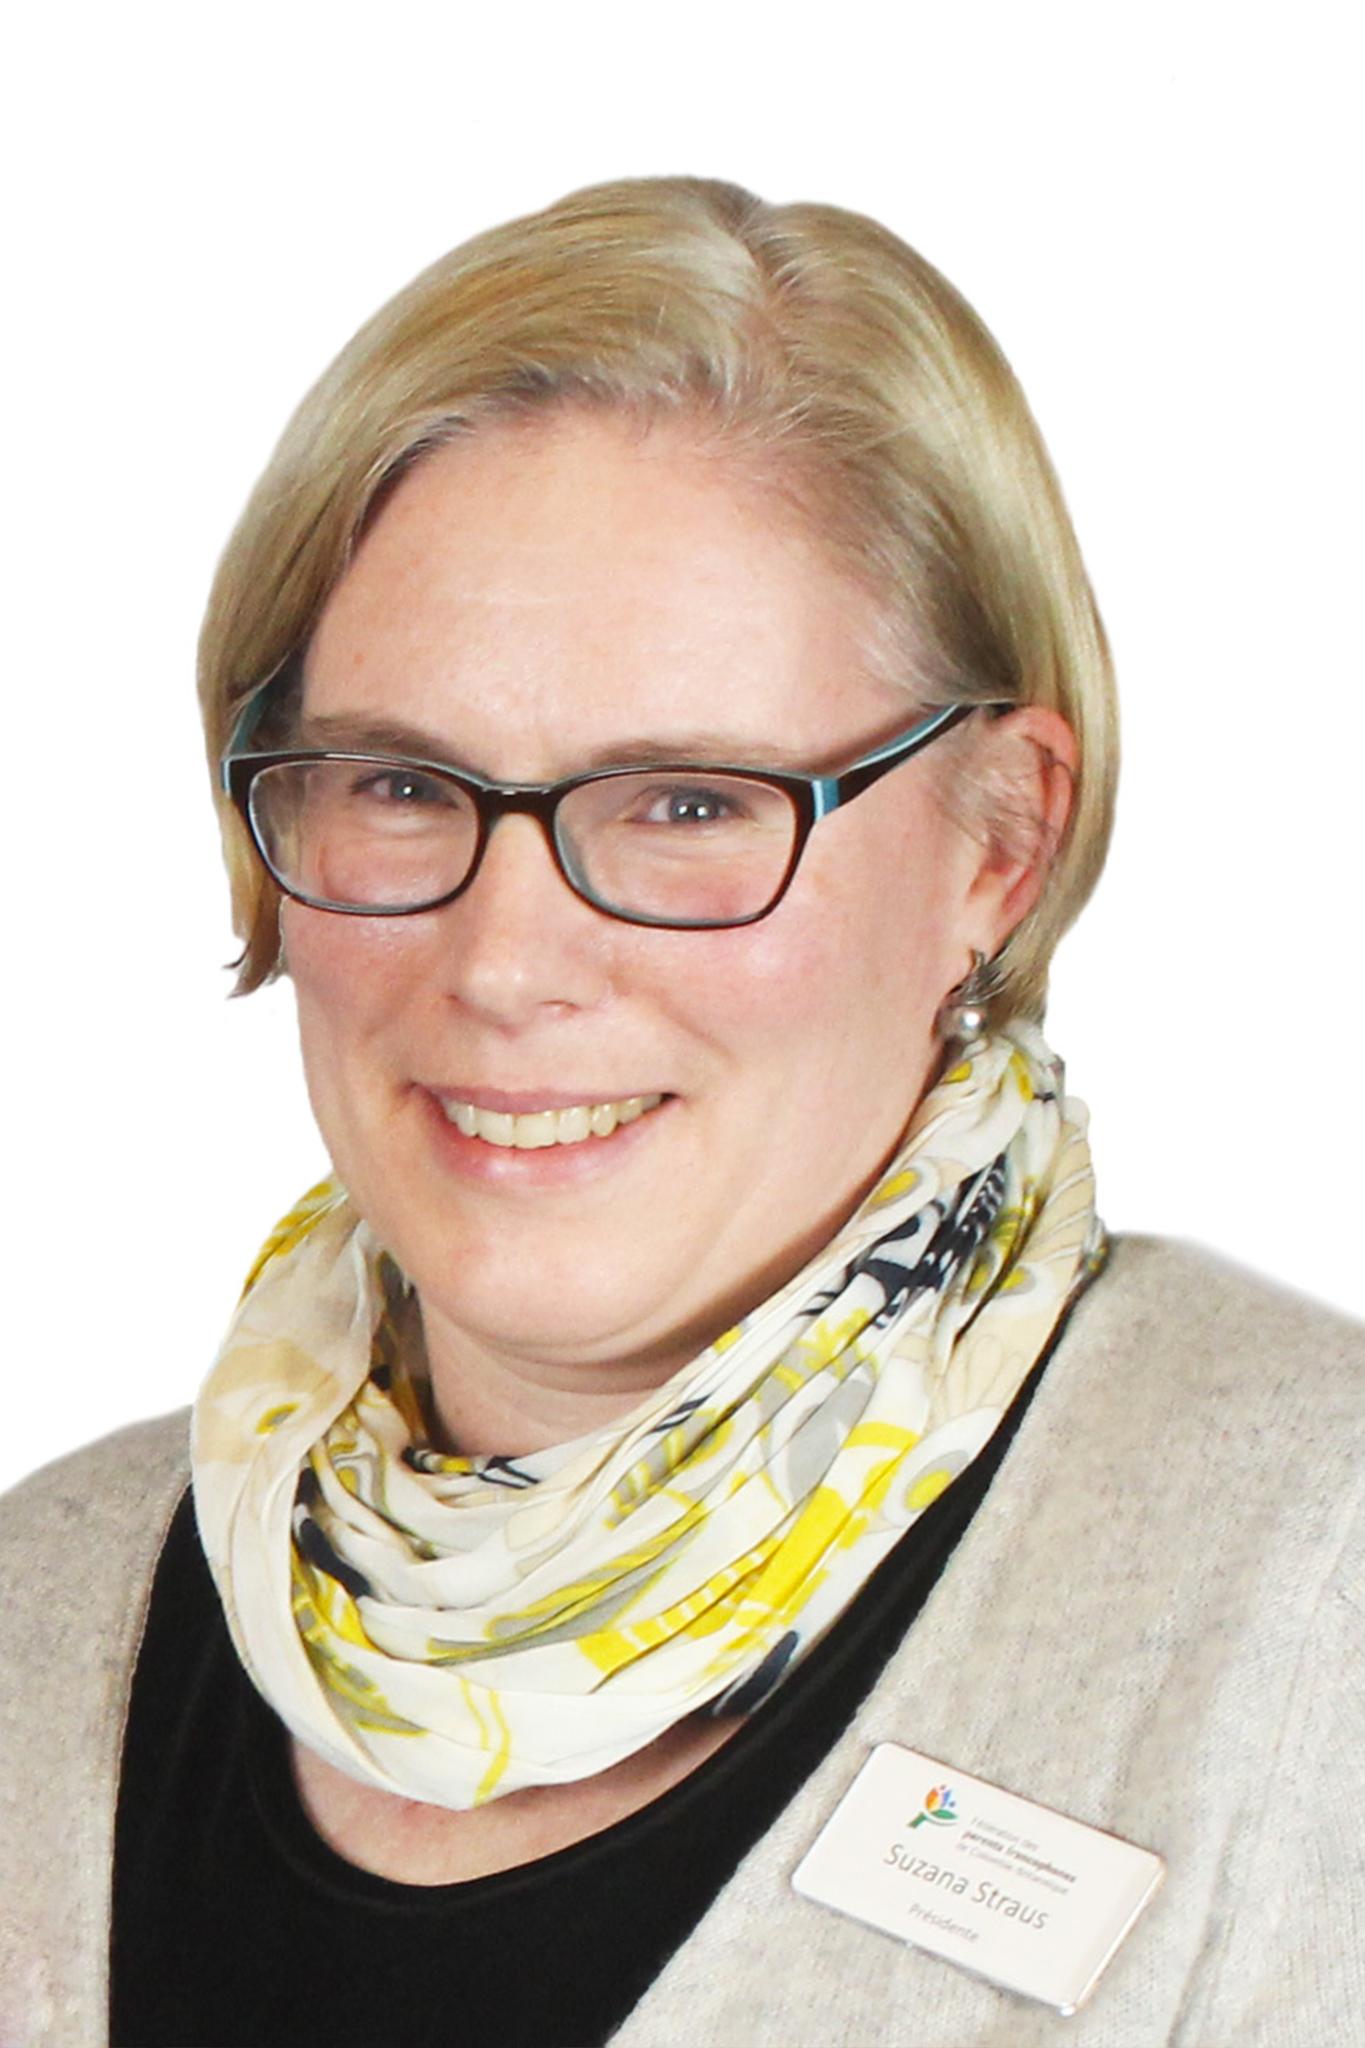 Suzana-Straus